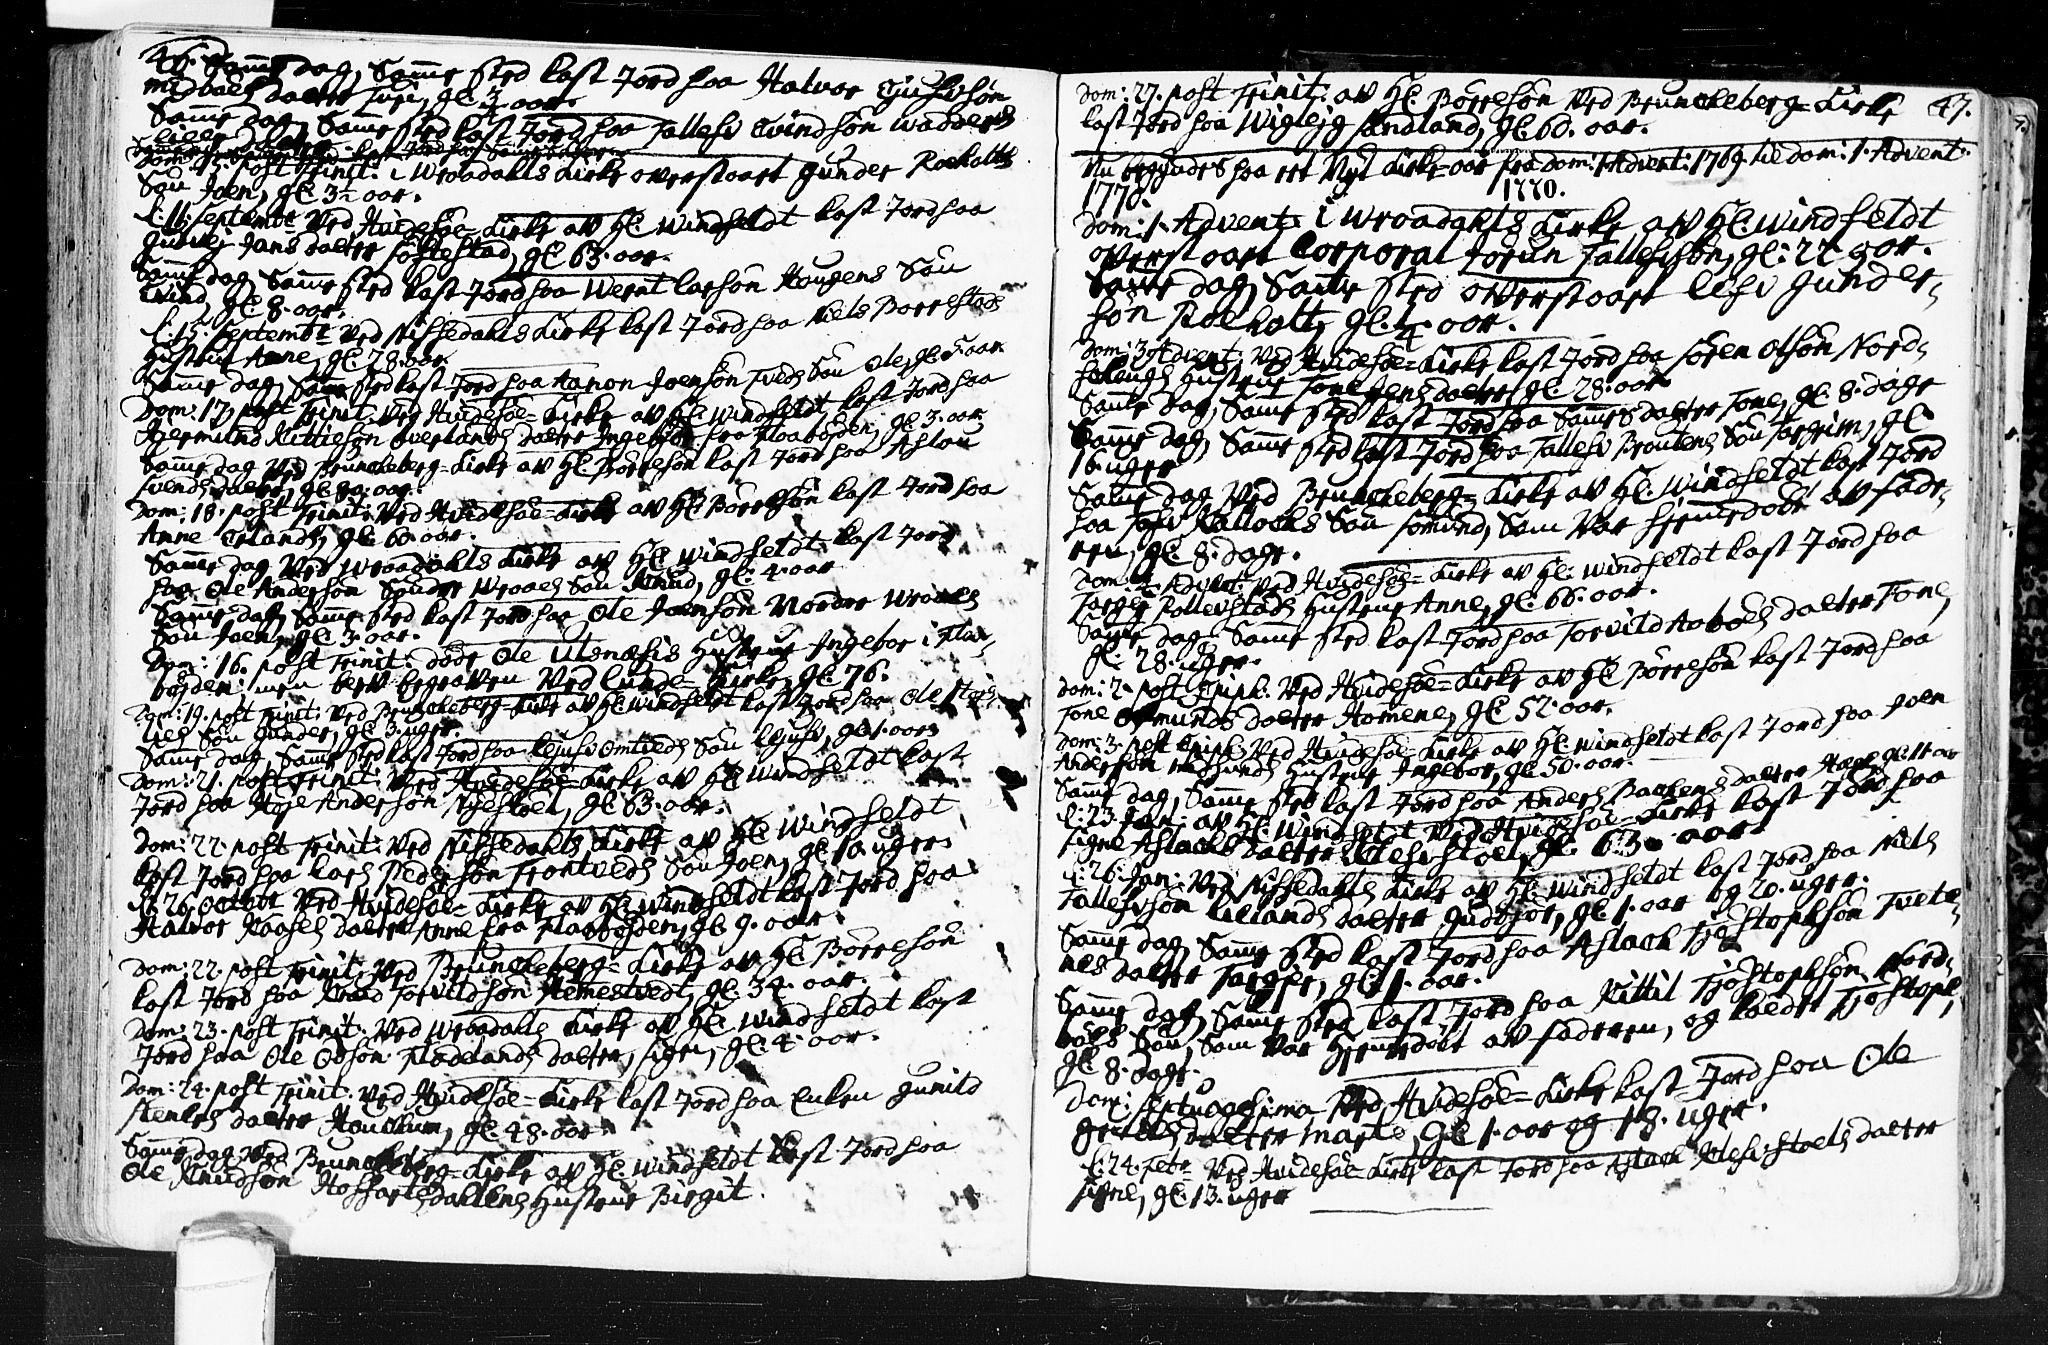 SAKO, Kviteseid kirkebøker, F/Fa/L0001: Ministerialbok nr. I 1, 1754-1773, s. 46-47